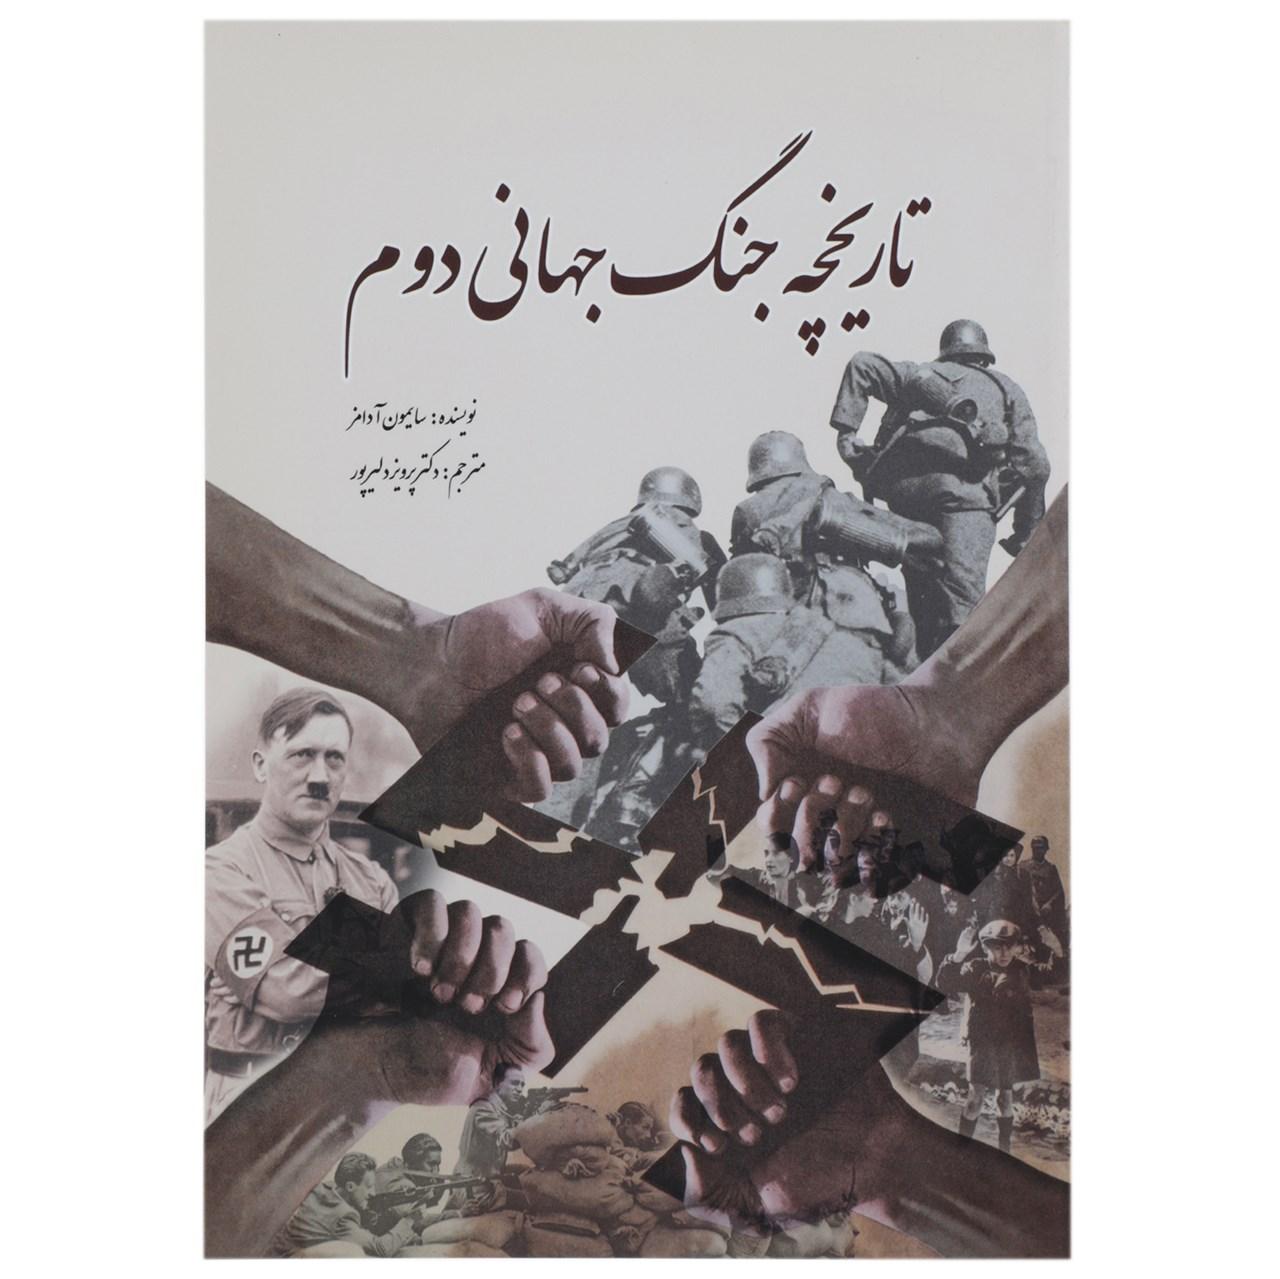 خرید                      کتاب تاریخچه جنگ جهانی دوم اثر سایمون آدامز